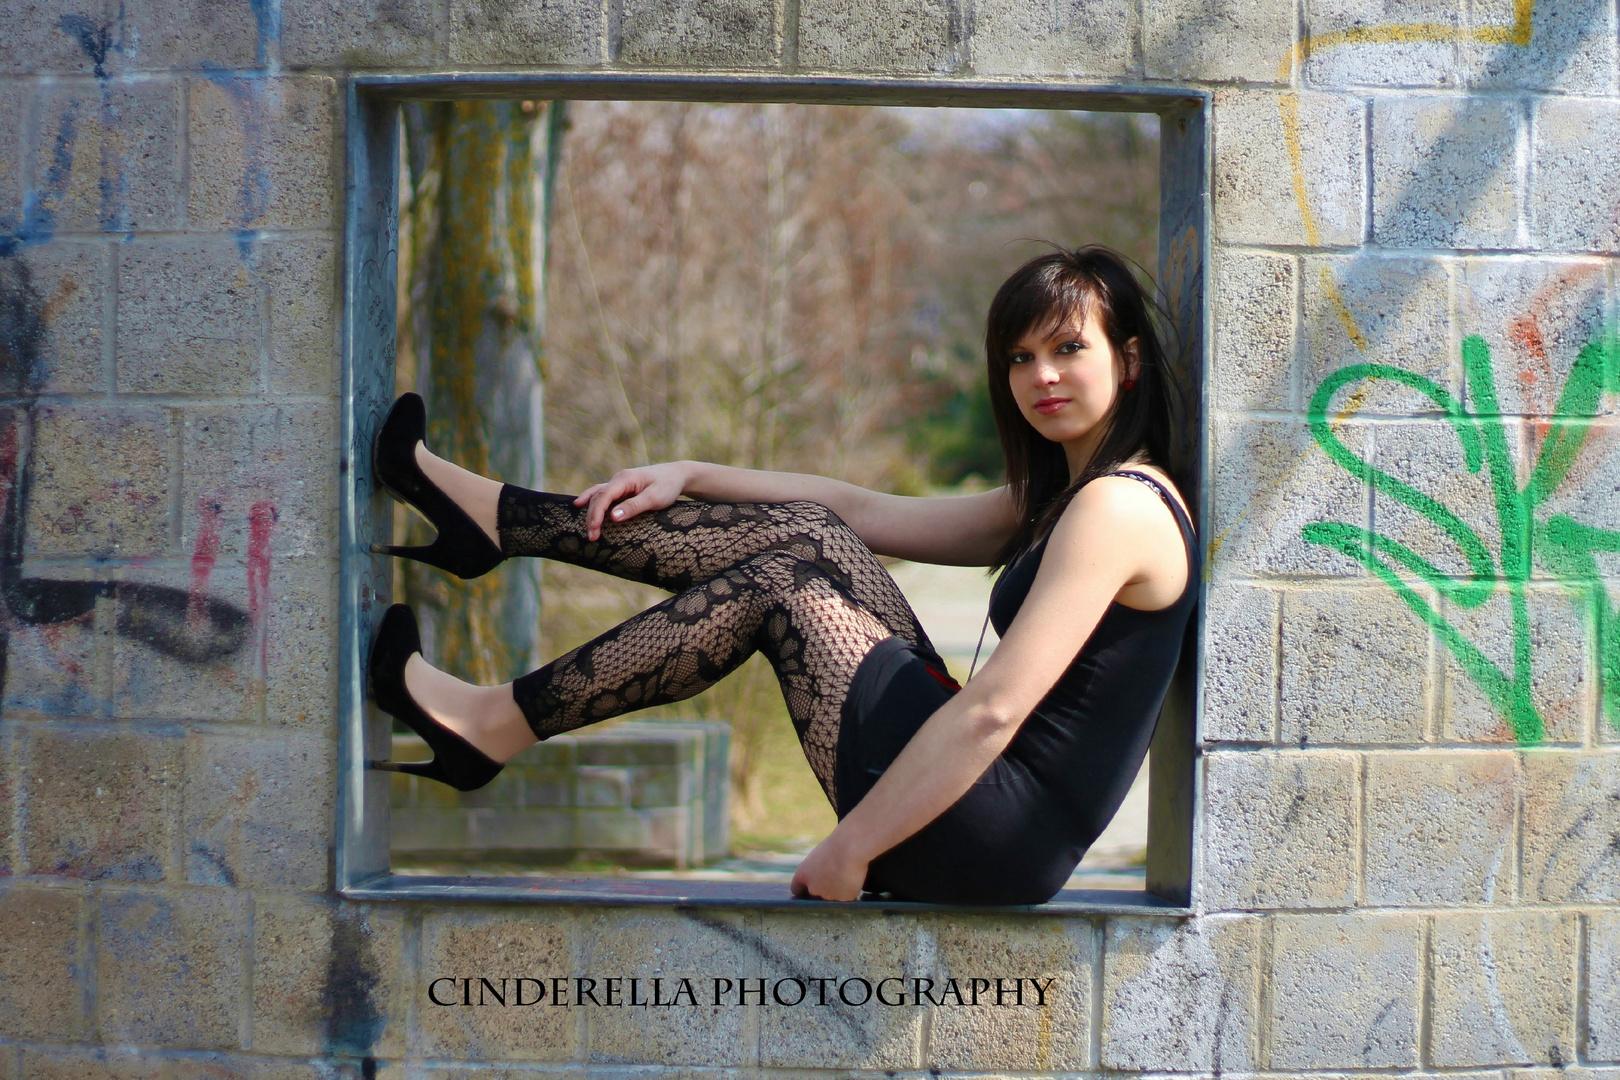 Sexy Window